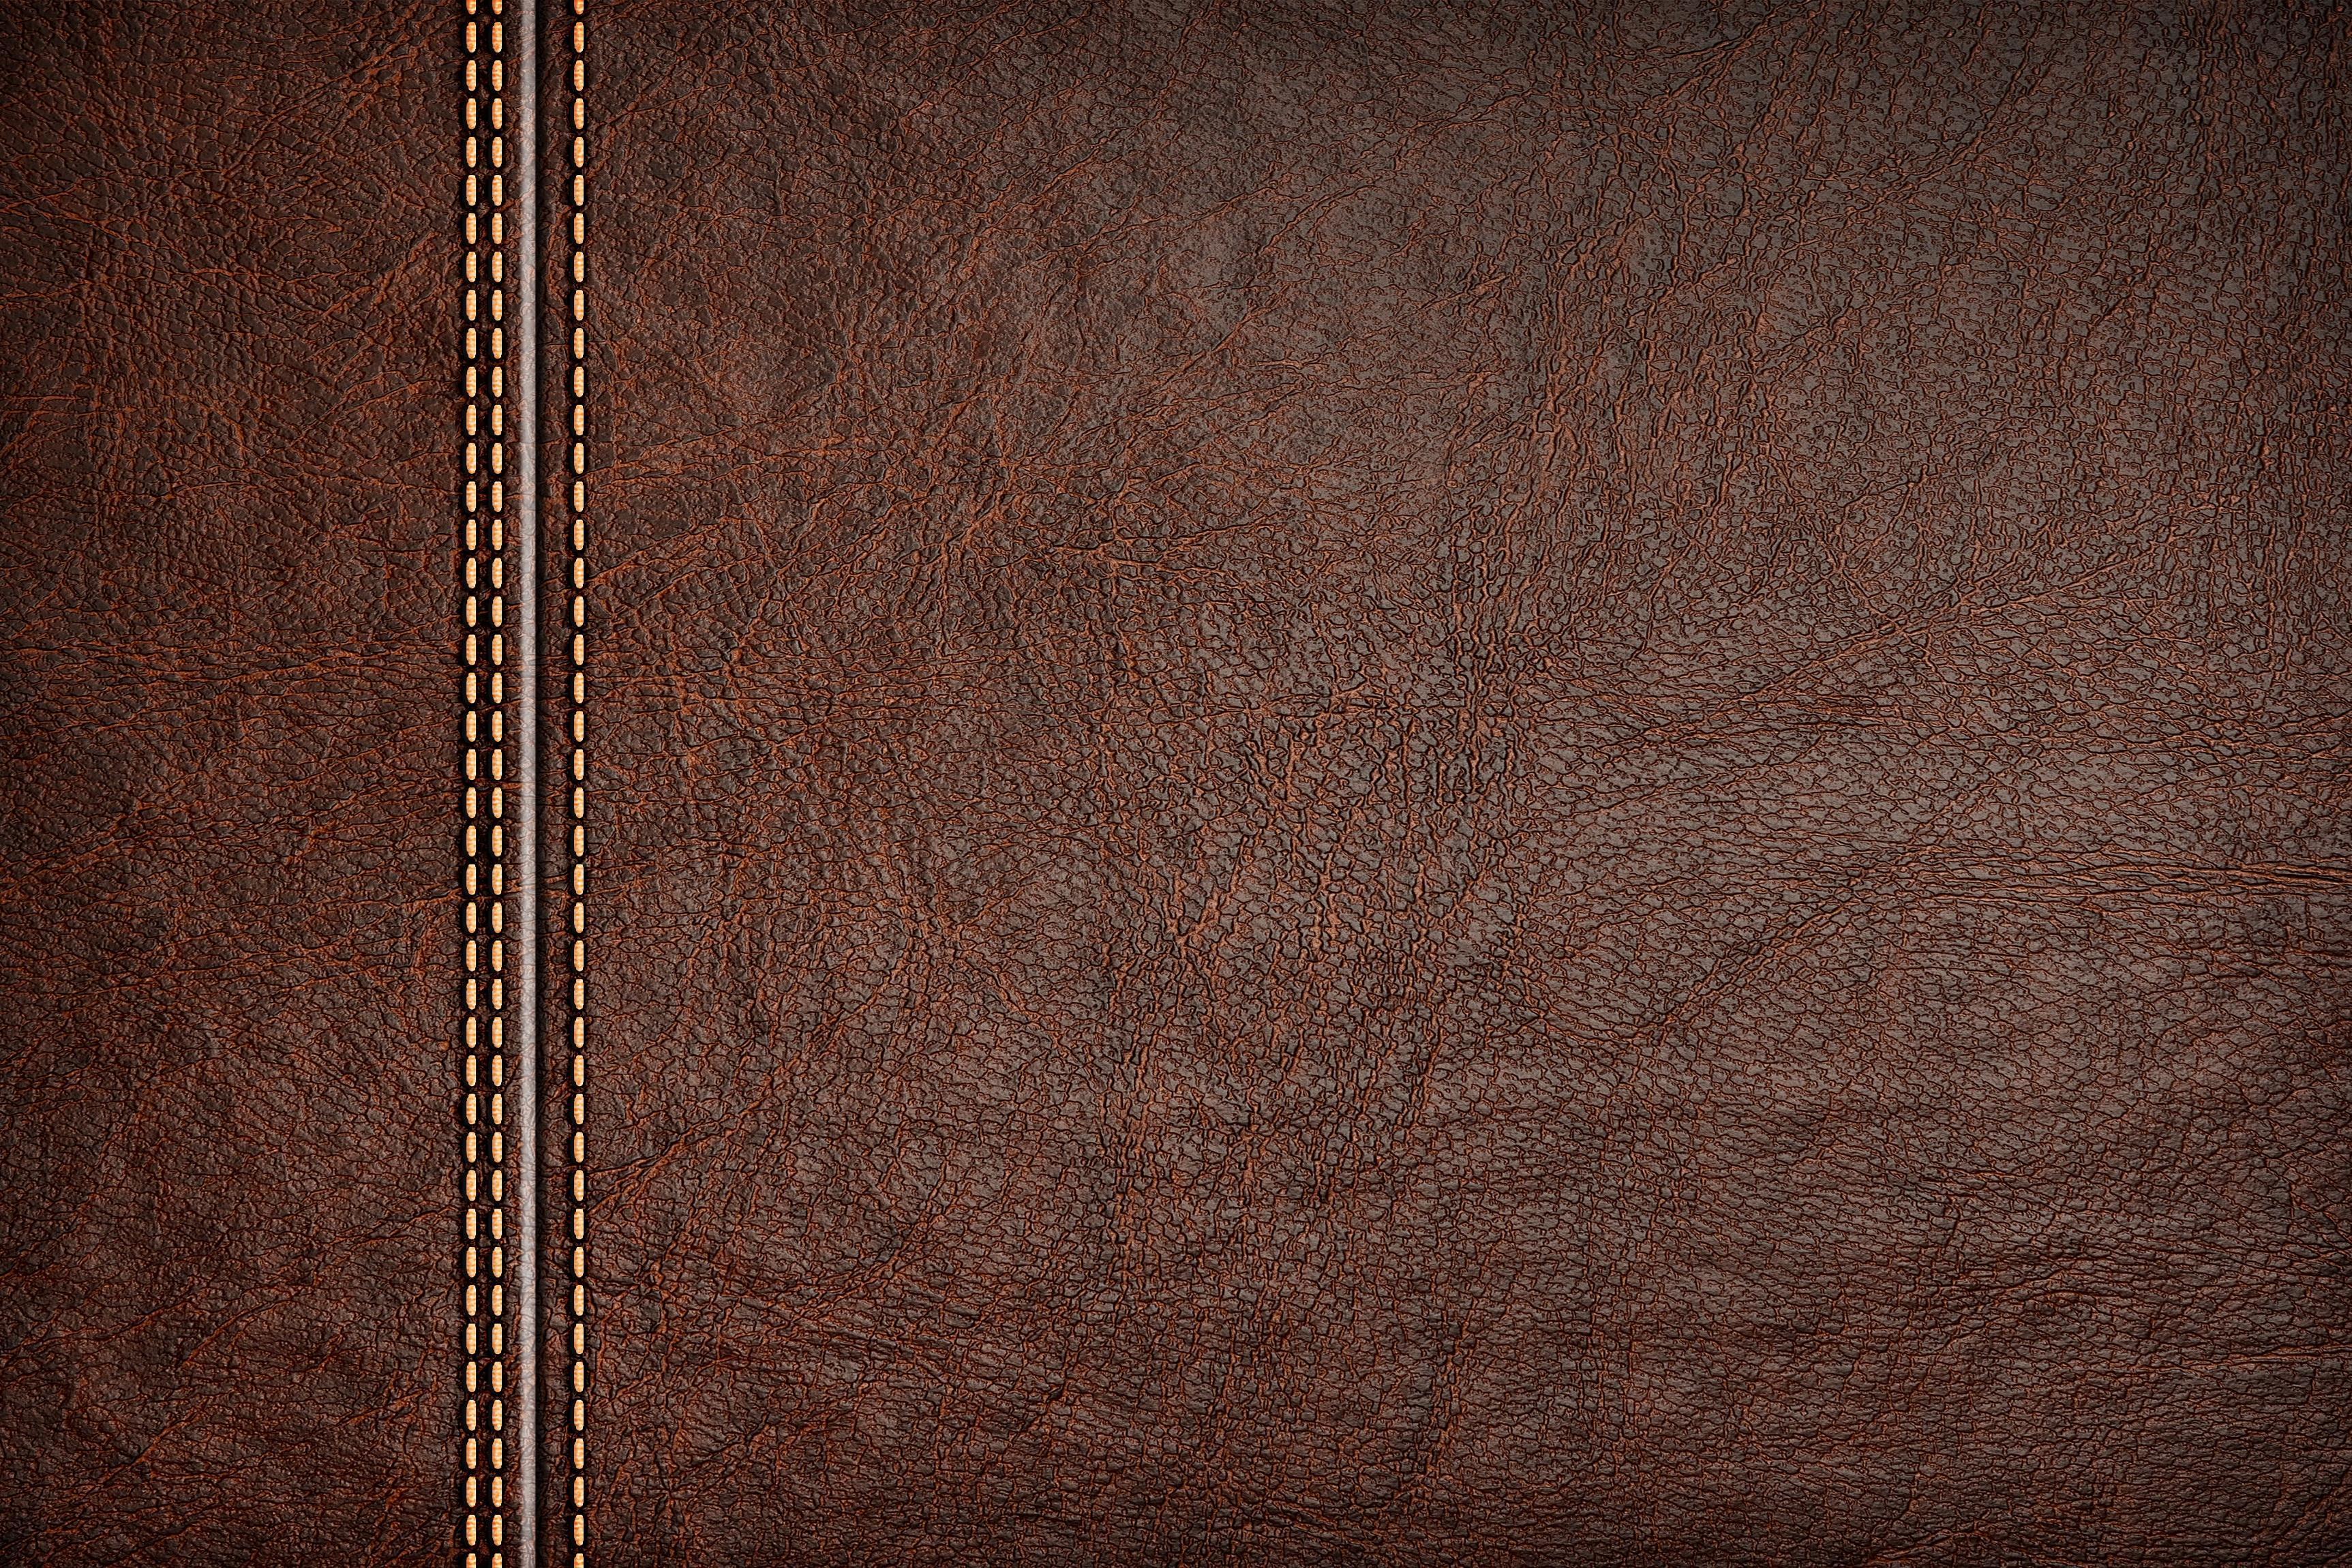 кожа выделка текстура  № 3914975 без смс